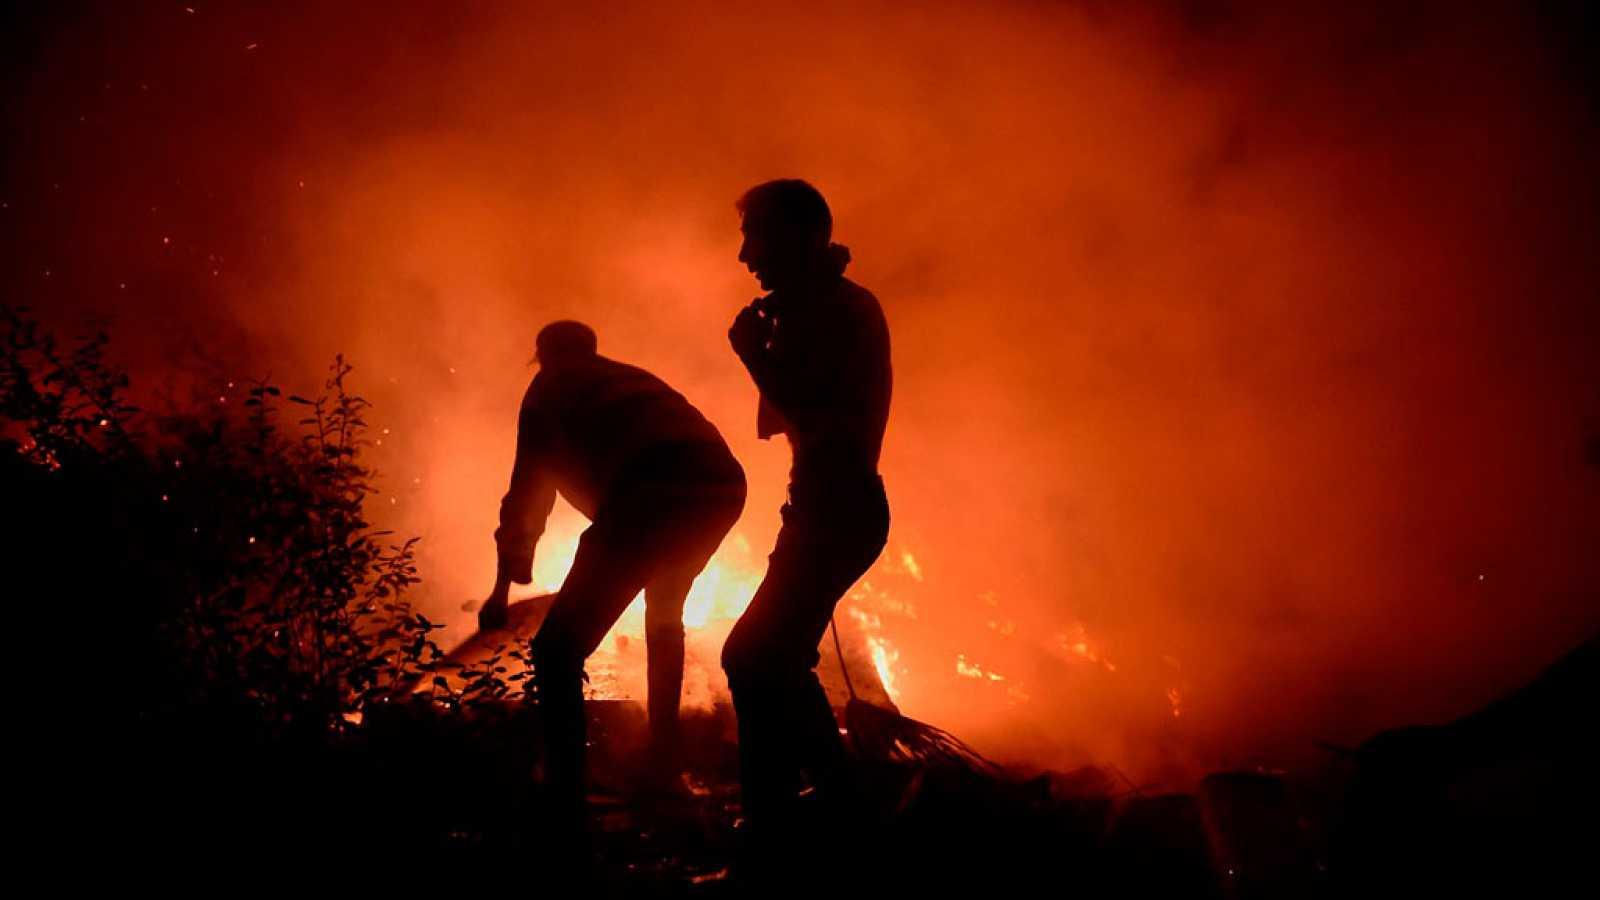 Galiza, incendios: La Xunta admite que en As Fragas do Eume han ardido 750 hectáreas.  - Página 8 4259318?w=1600&preview=1508248856996